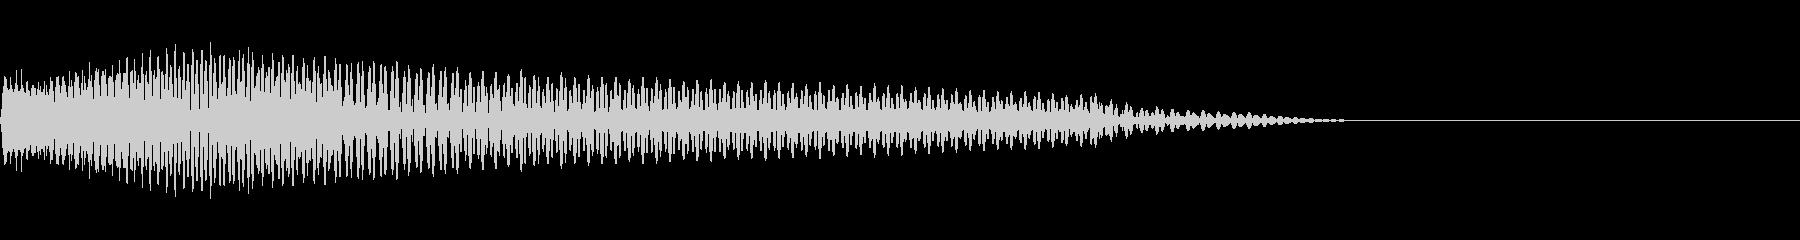 ベース/ドゥーン/ネックスライド/A10の未再生の波形